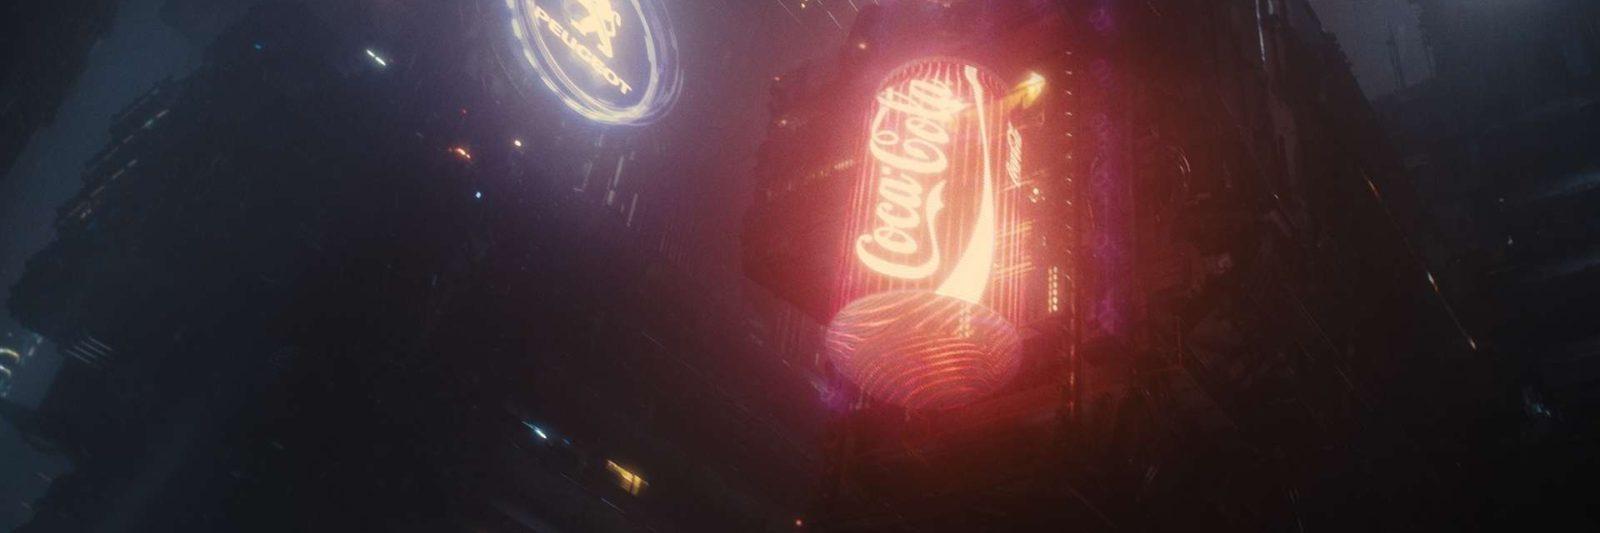 Blade Runner 2049. La ciudad de Los Ángeles. Arnold render